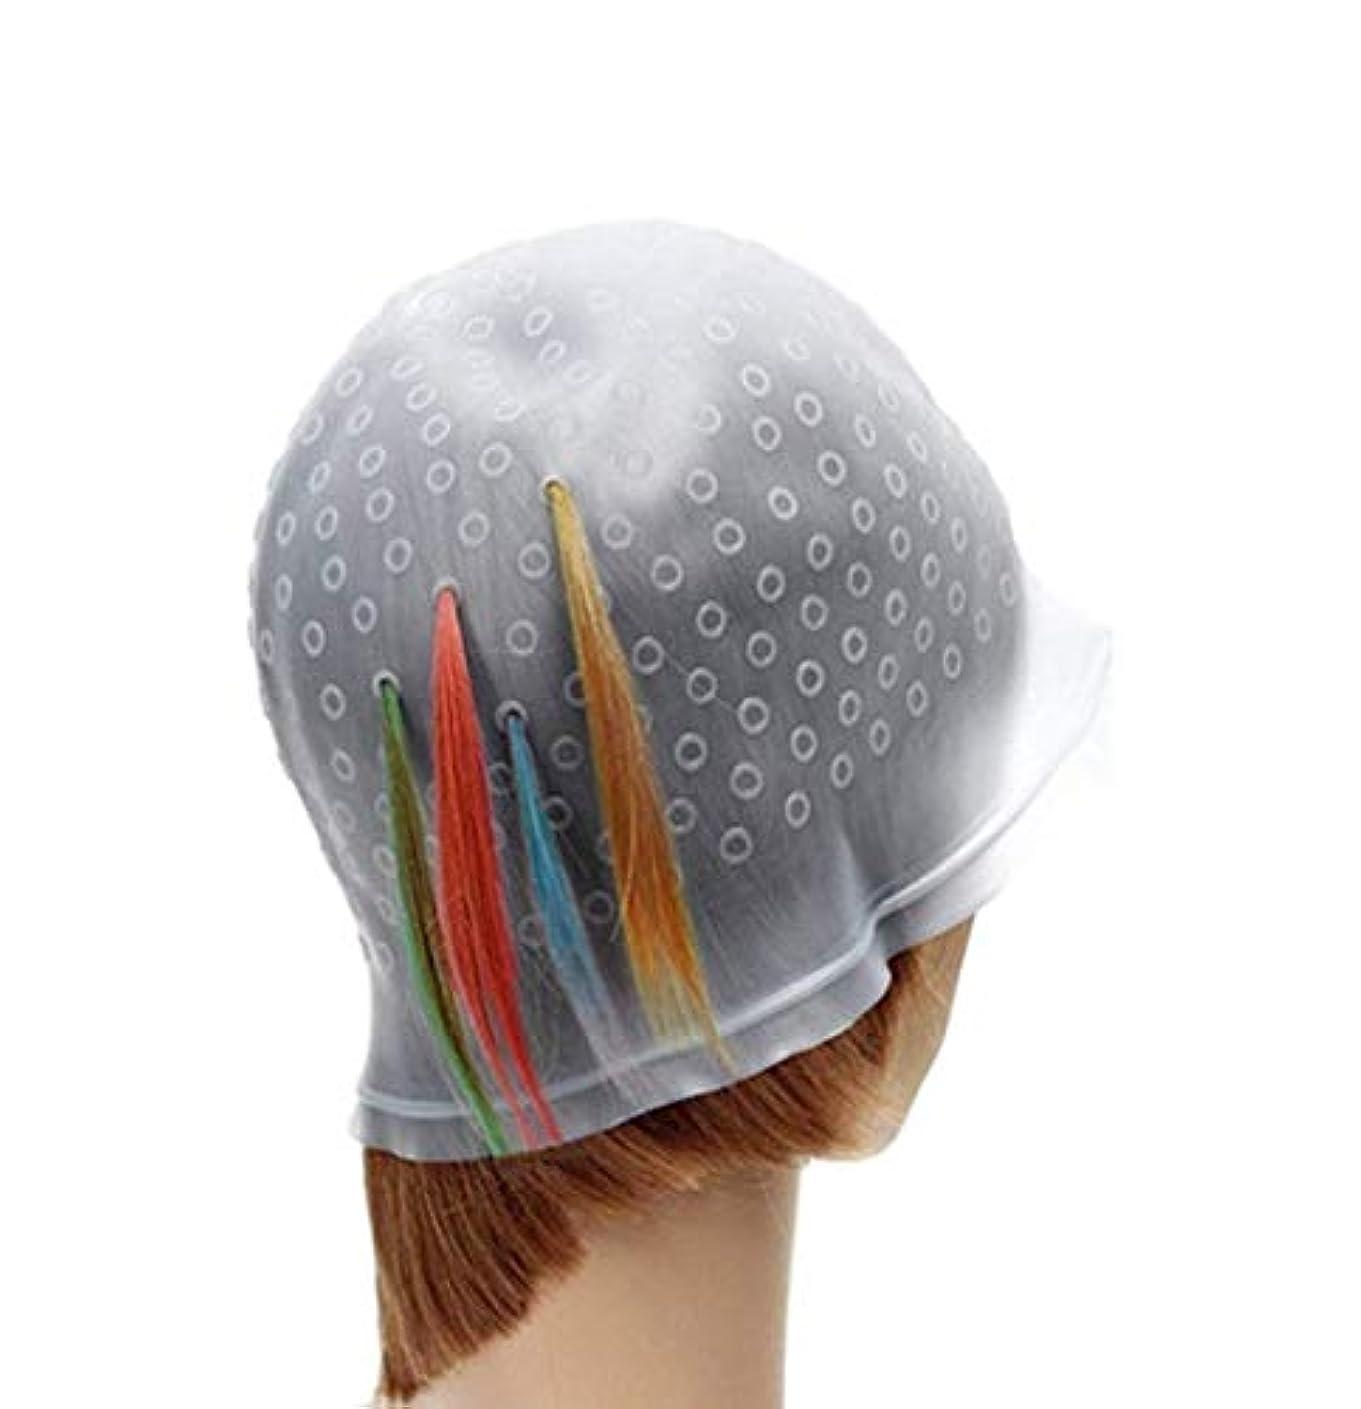 通訳討論薬剤師360MALL 洗って使える 毛染め ヘアカラー メッシュ 用 シリコン ヘア キャップ 穴あけポンチ シリコン キャップ (透明)